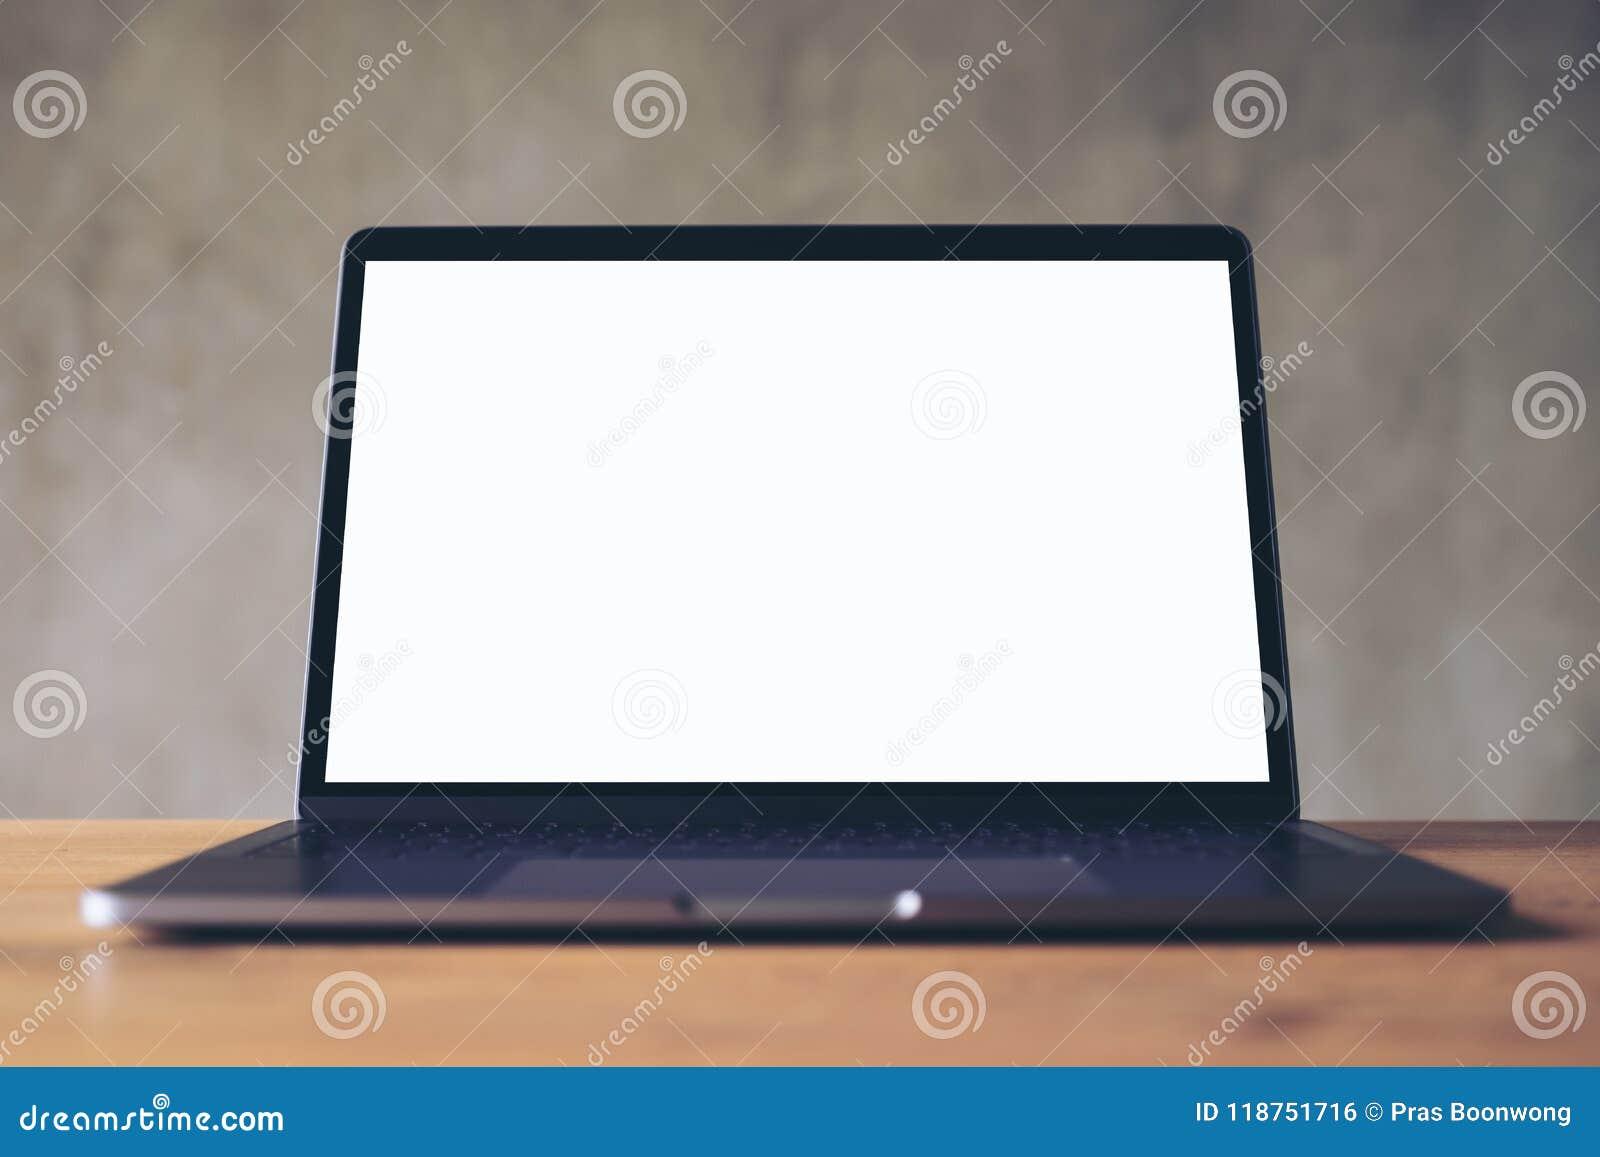 Image de maquette dordinateur portable avec lécran de bureau blanc